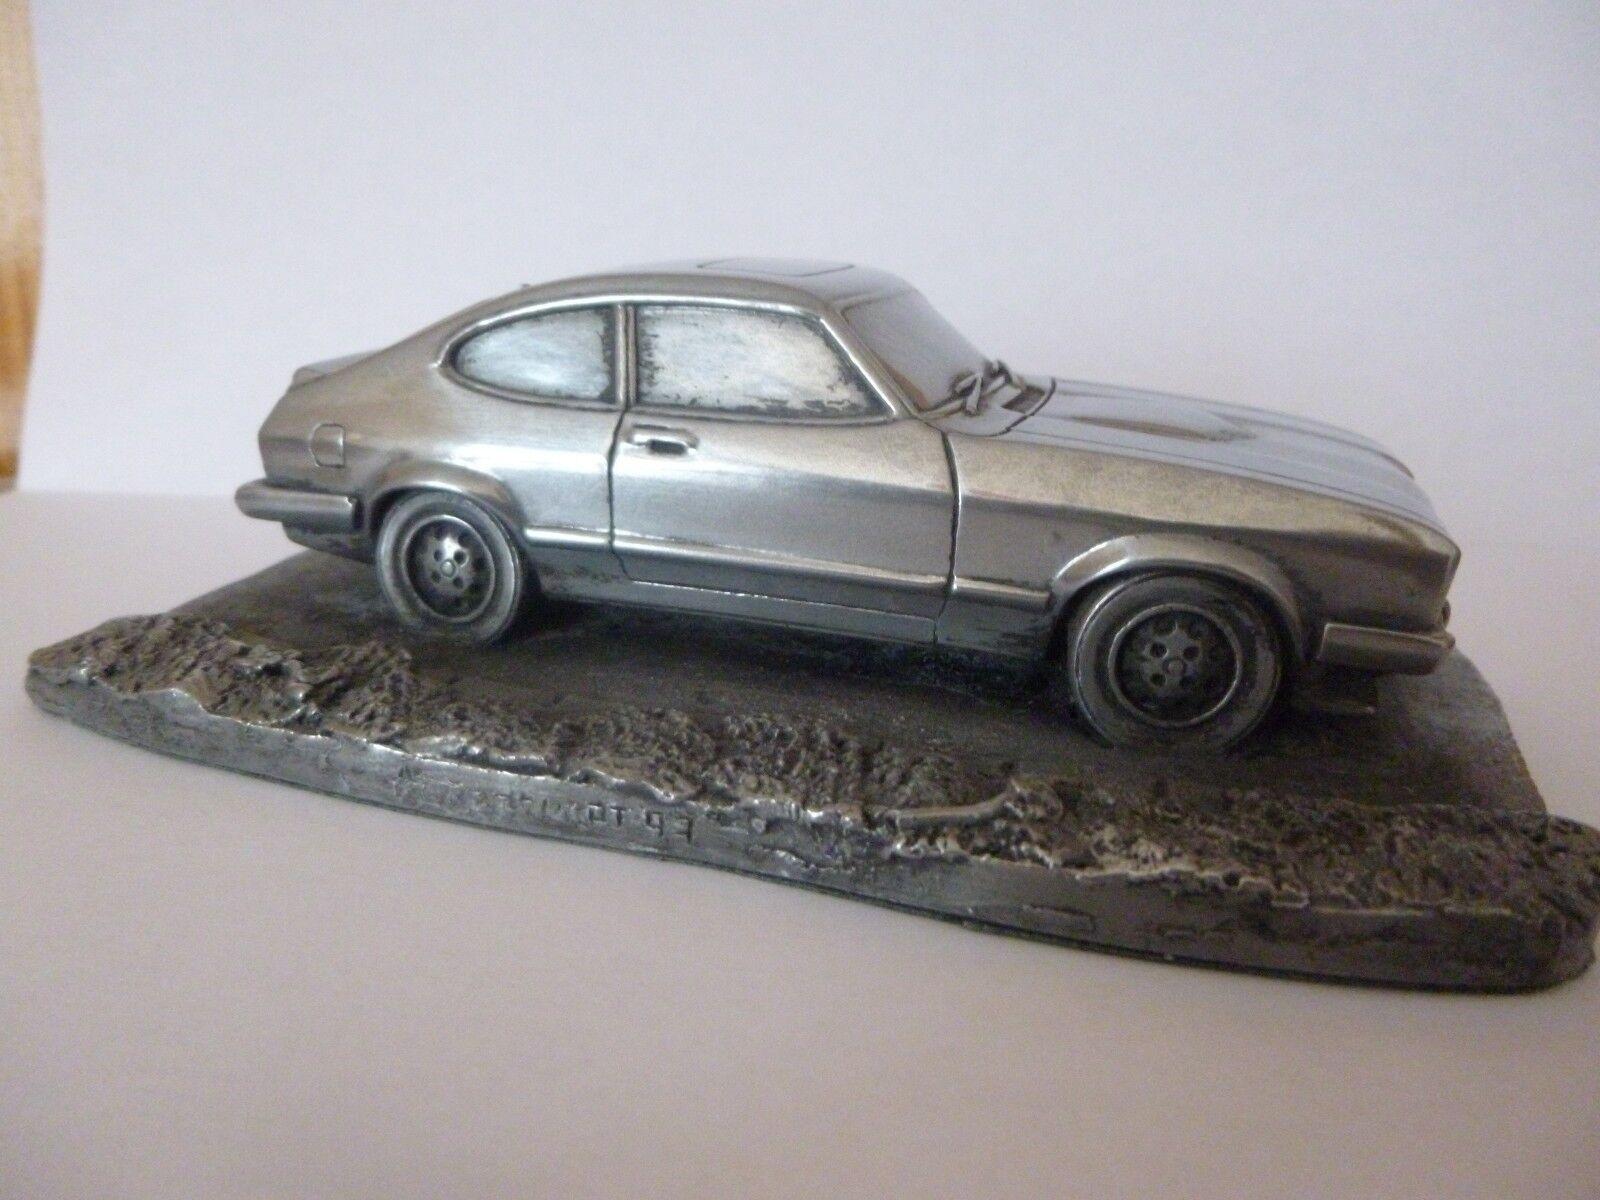 FORD CAPRI  mk3 1 36   miniature Autosculpt  made in Sheffield  England